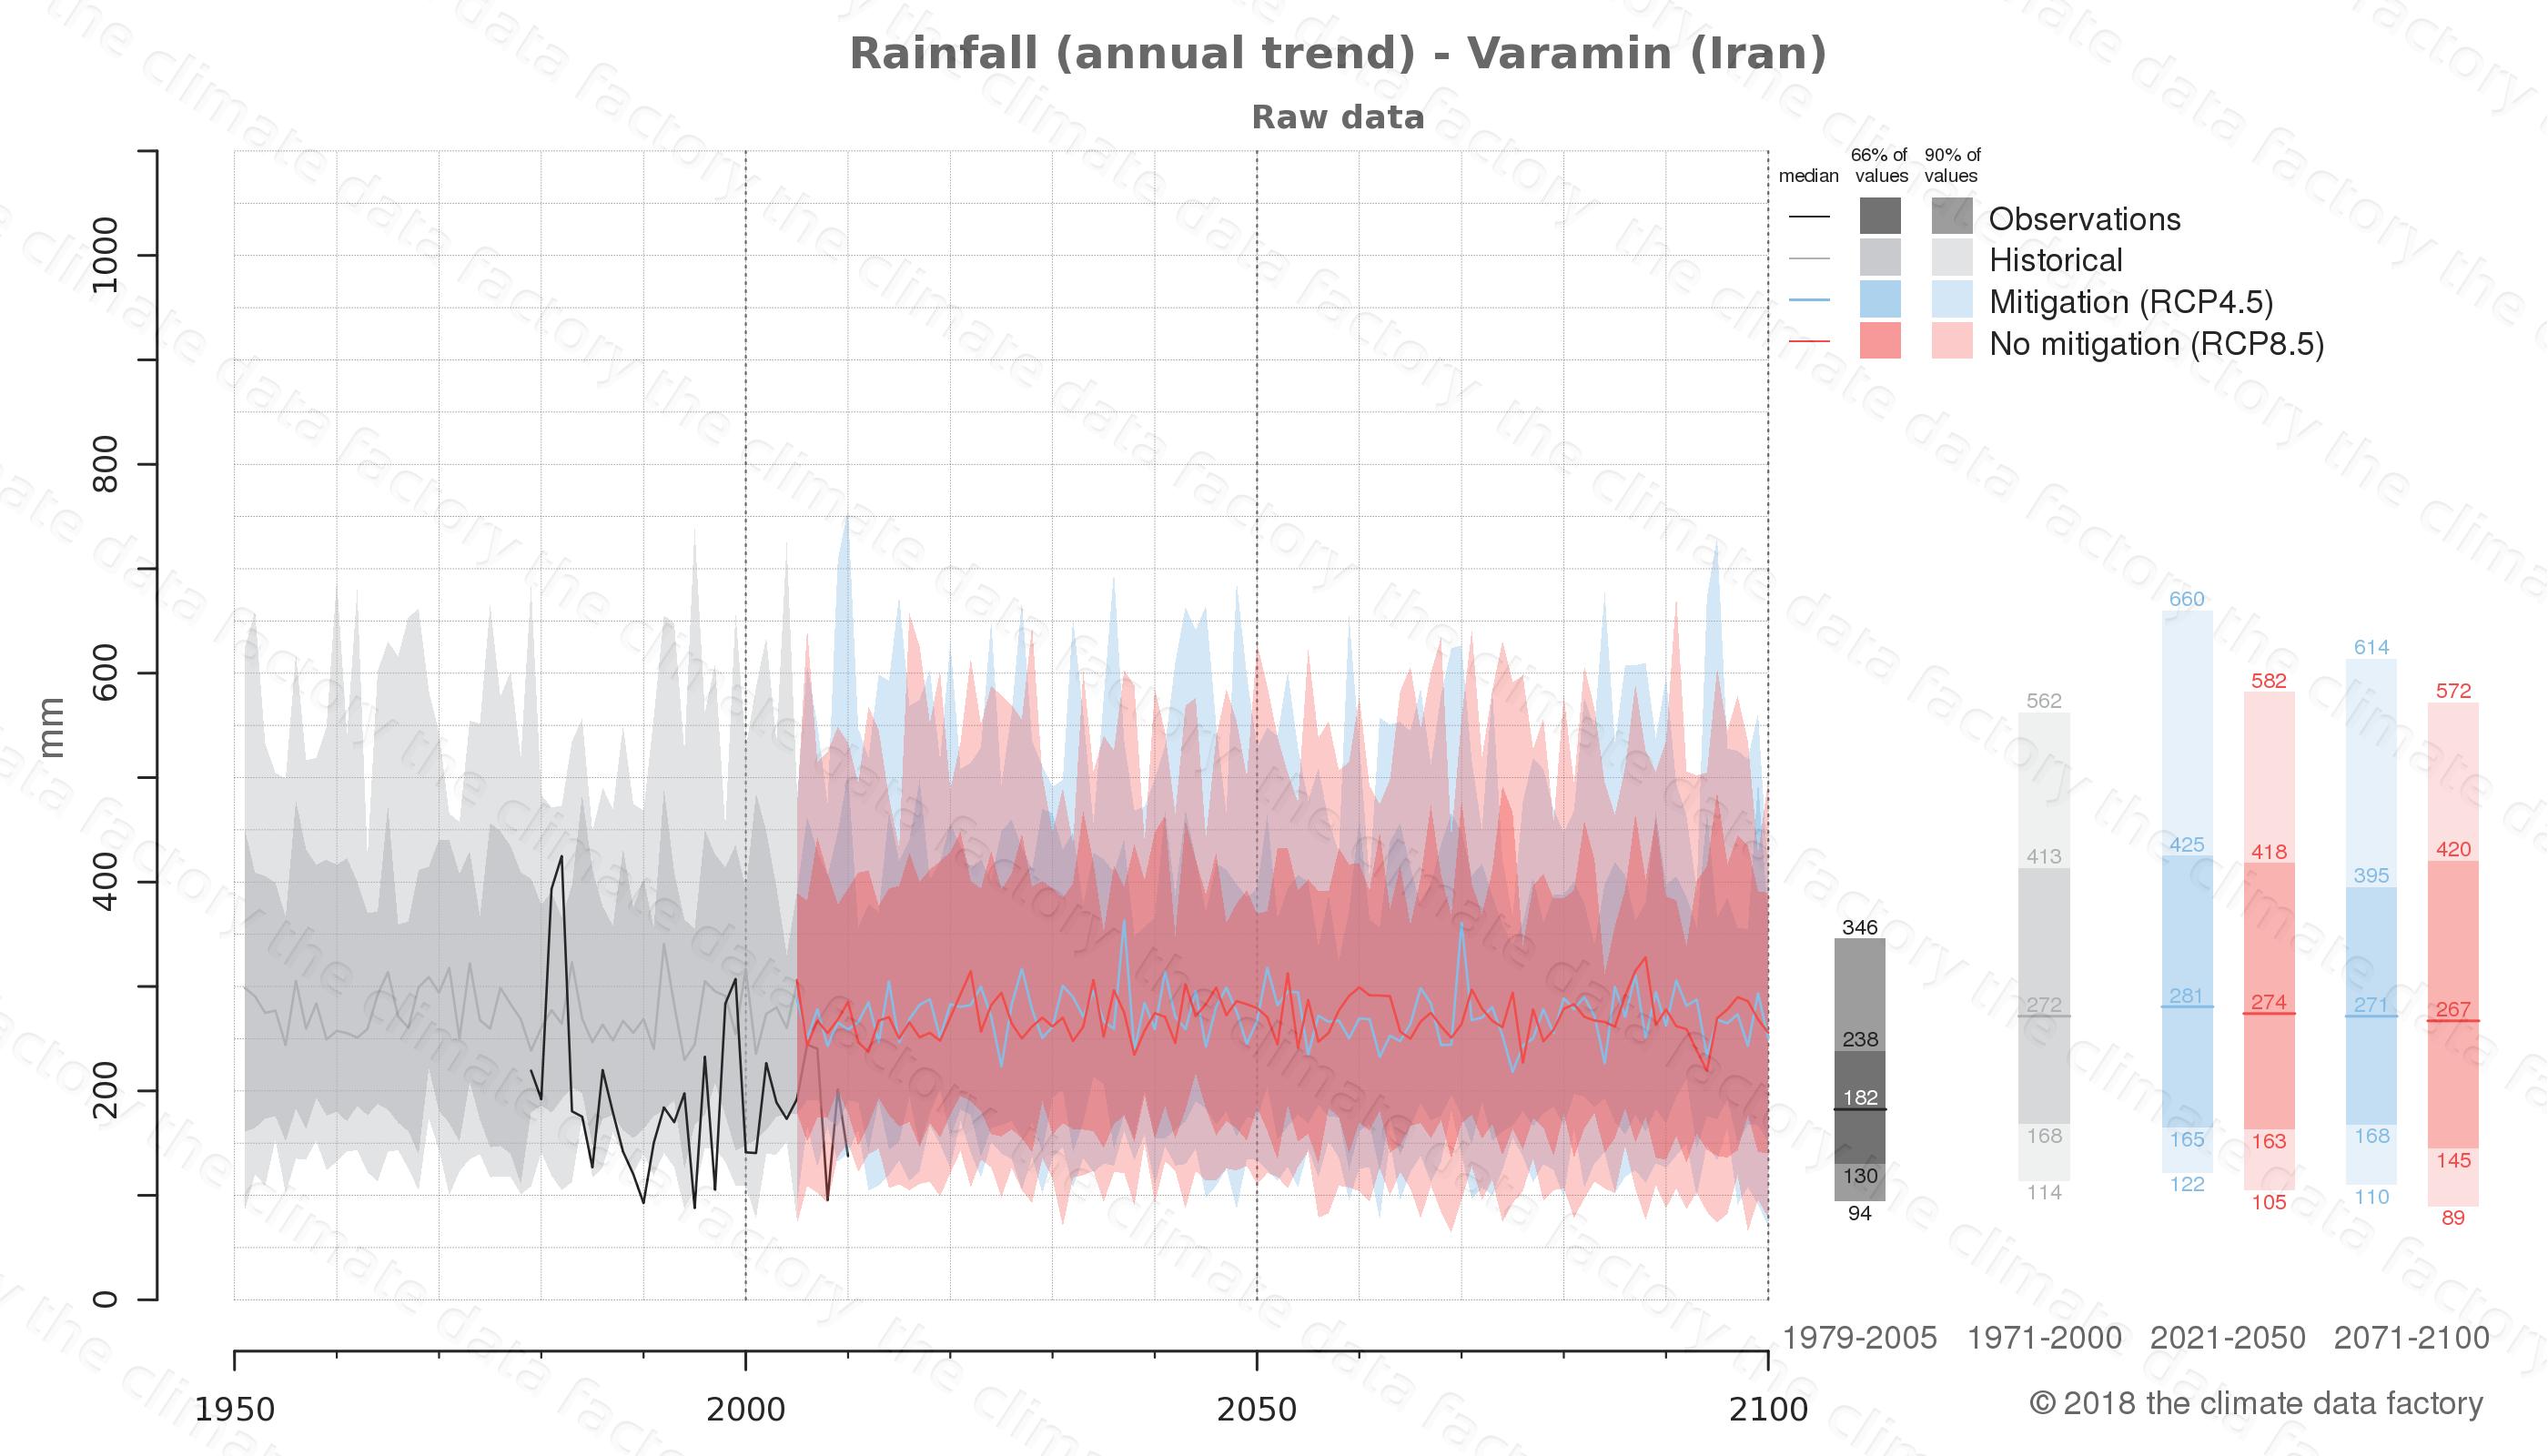 climate change data policy adaptation climate graph city data rainfall varamin iran